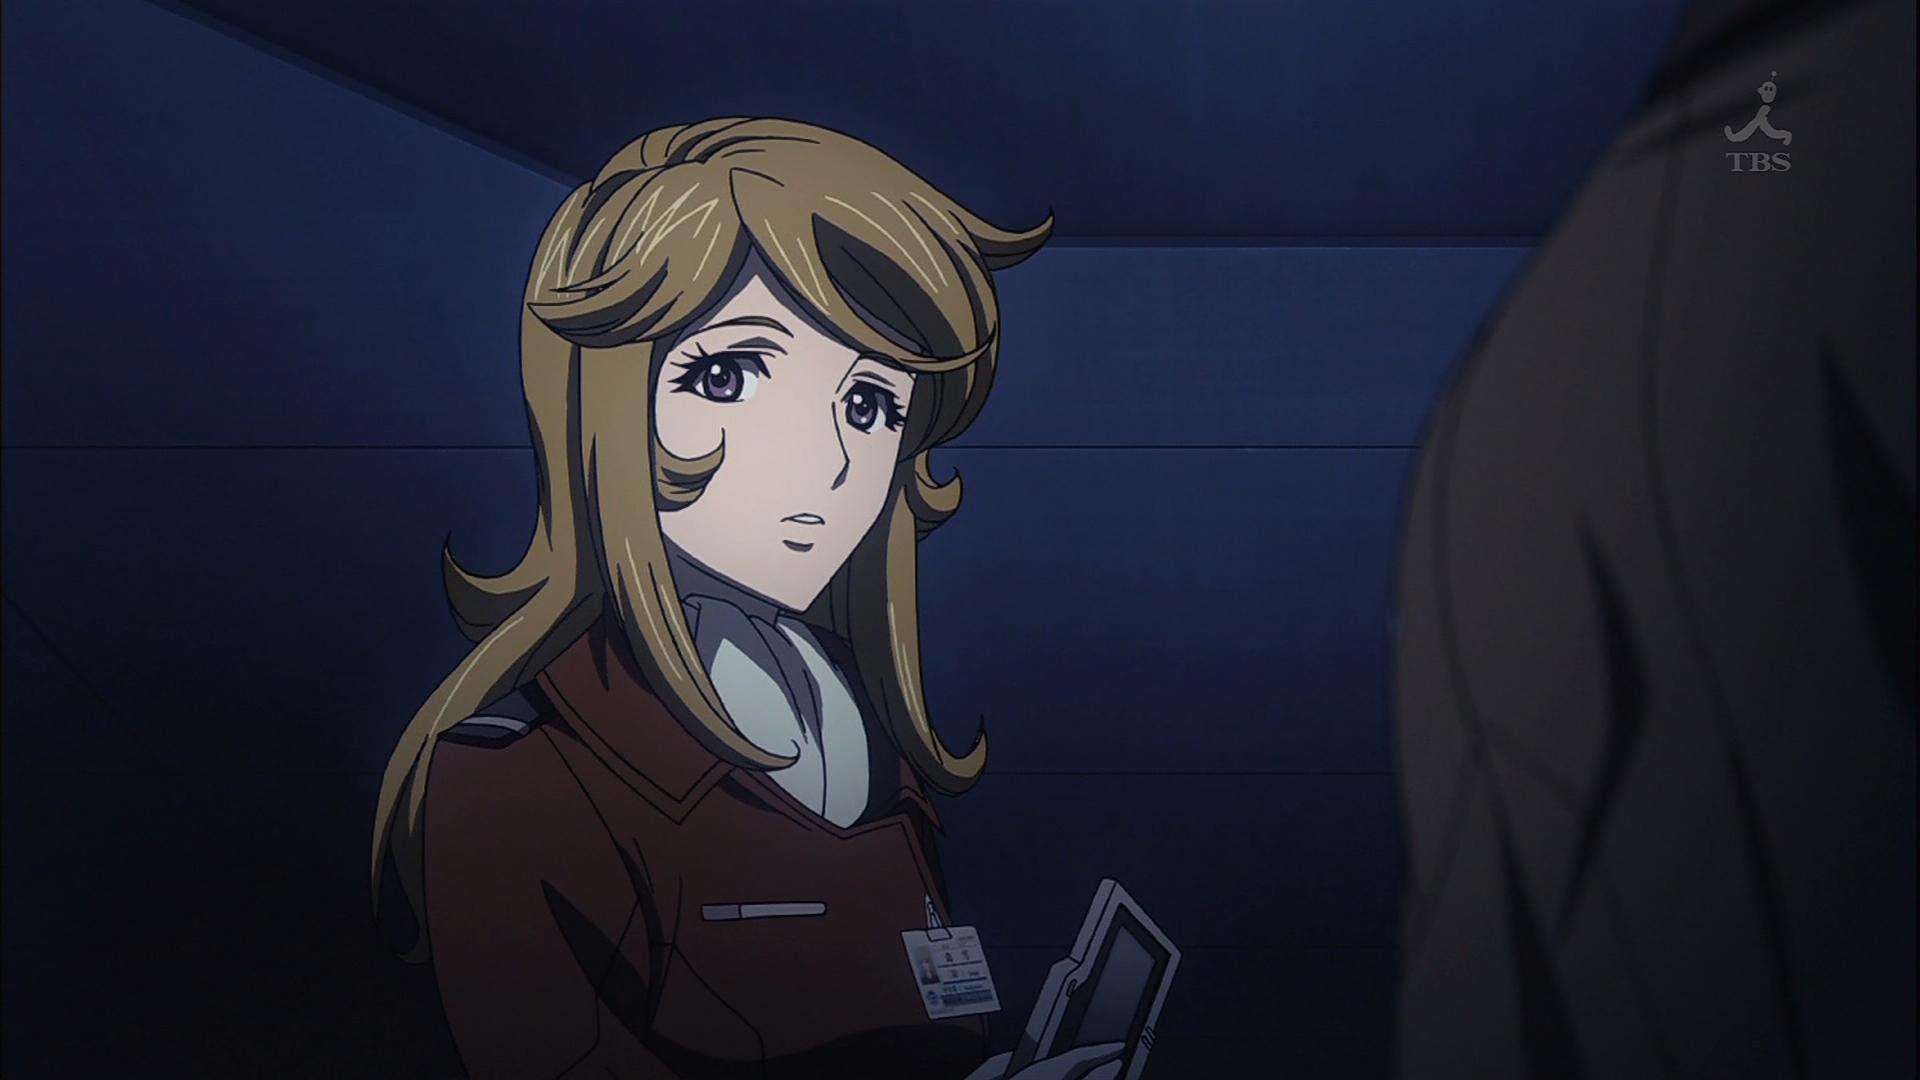 春の新アニメ 宇宙戦艦ヤマト2199 第1話 流石大作アニメなだけ